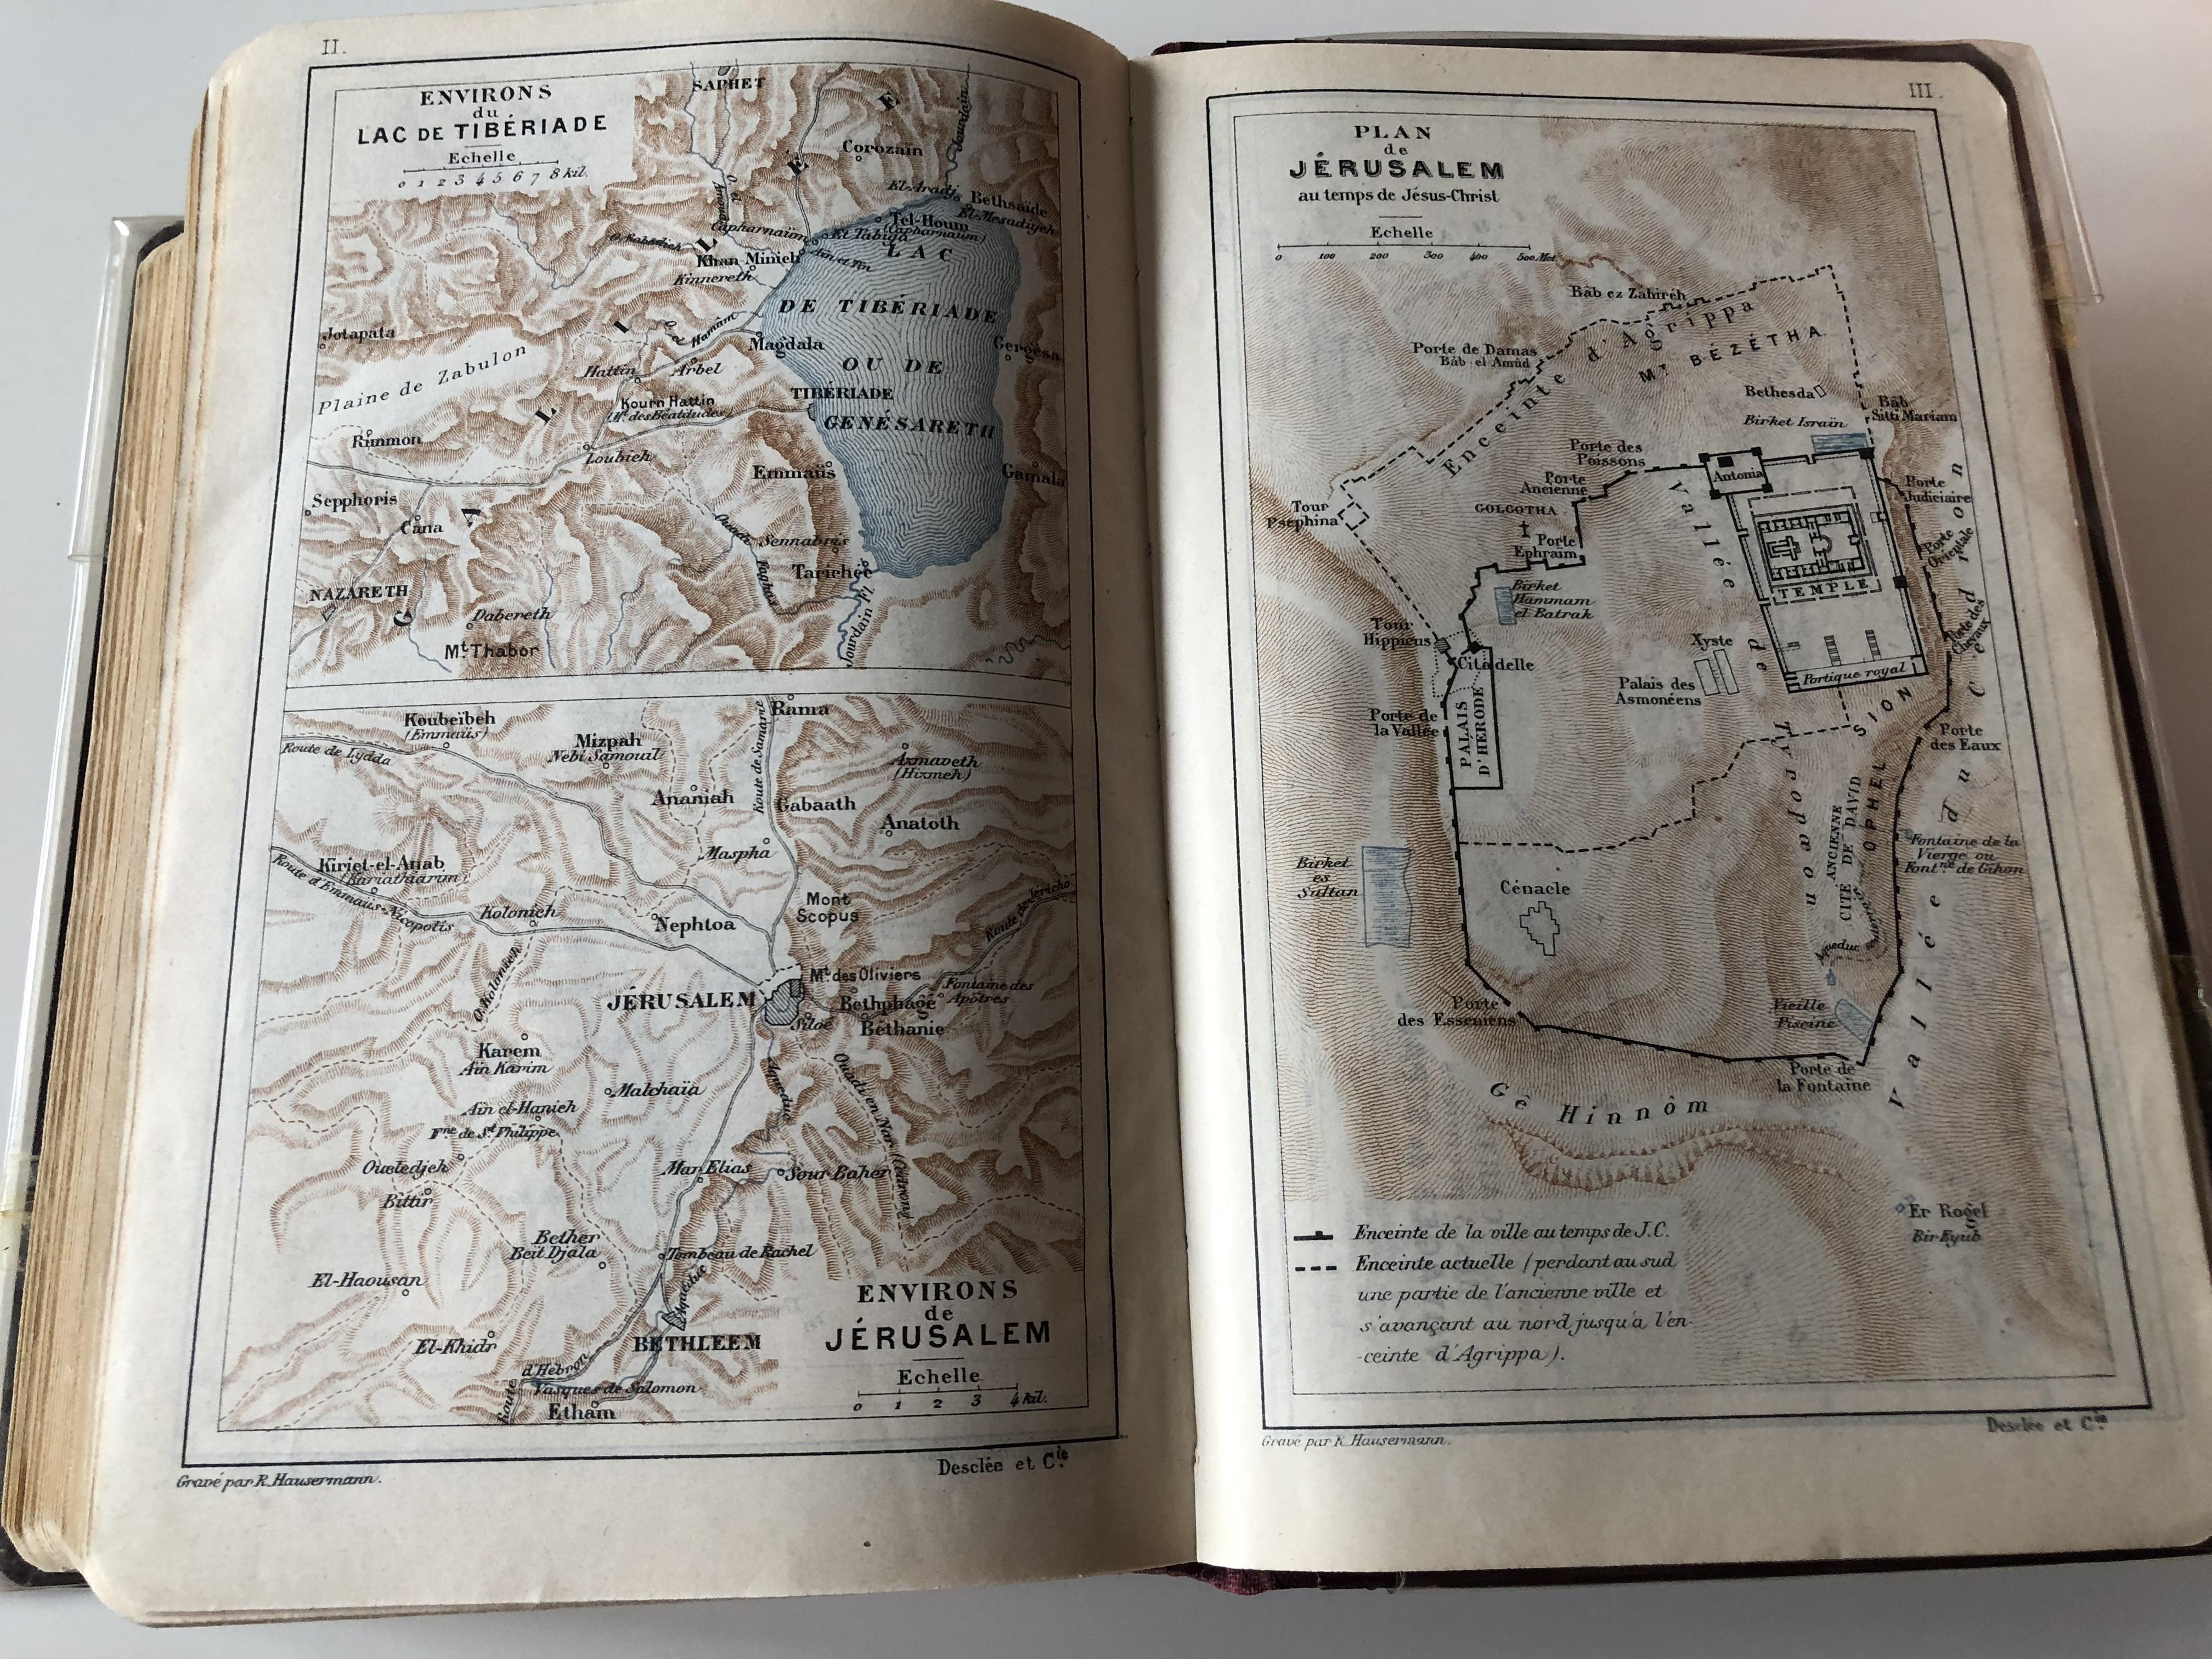 french-bible-1905-la-sainte-bible-23-.jpg